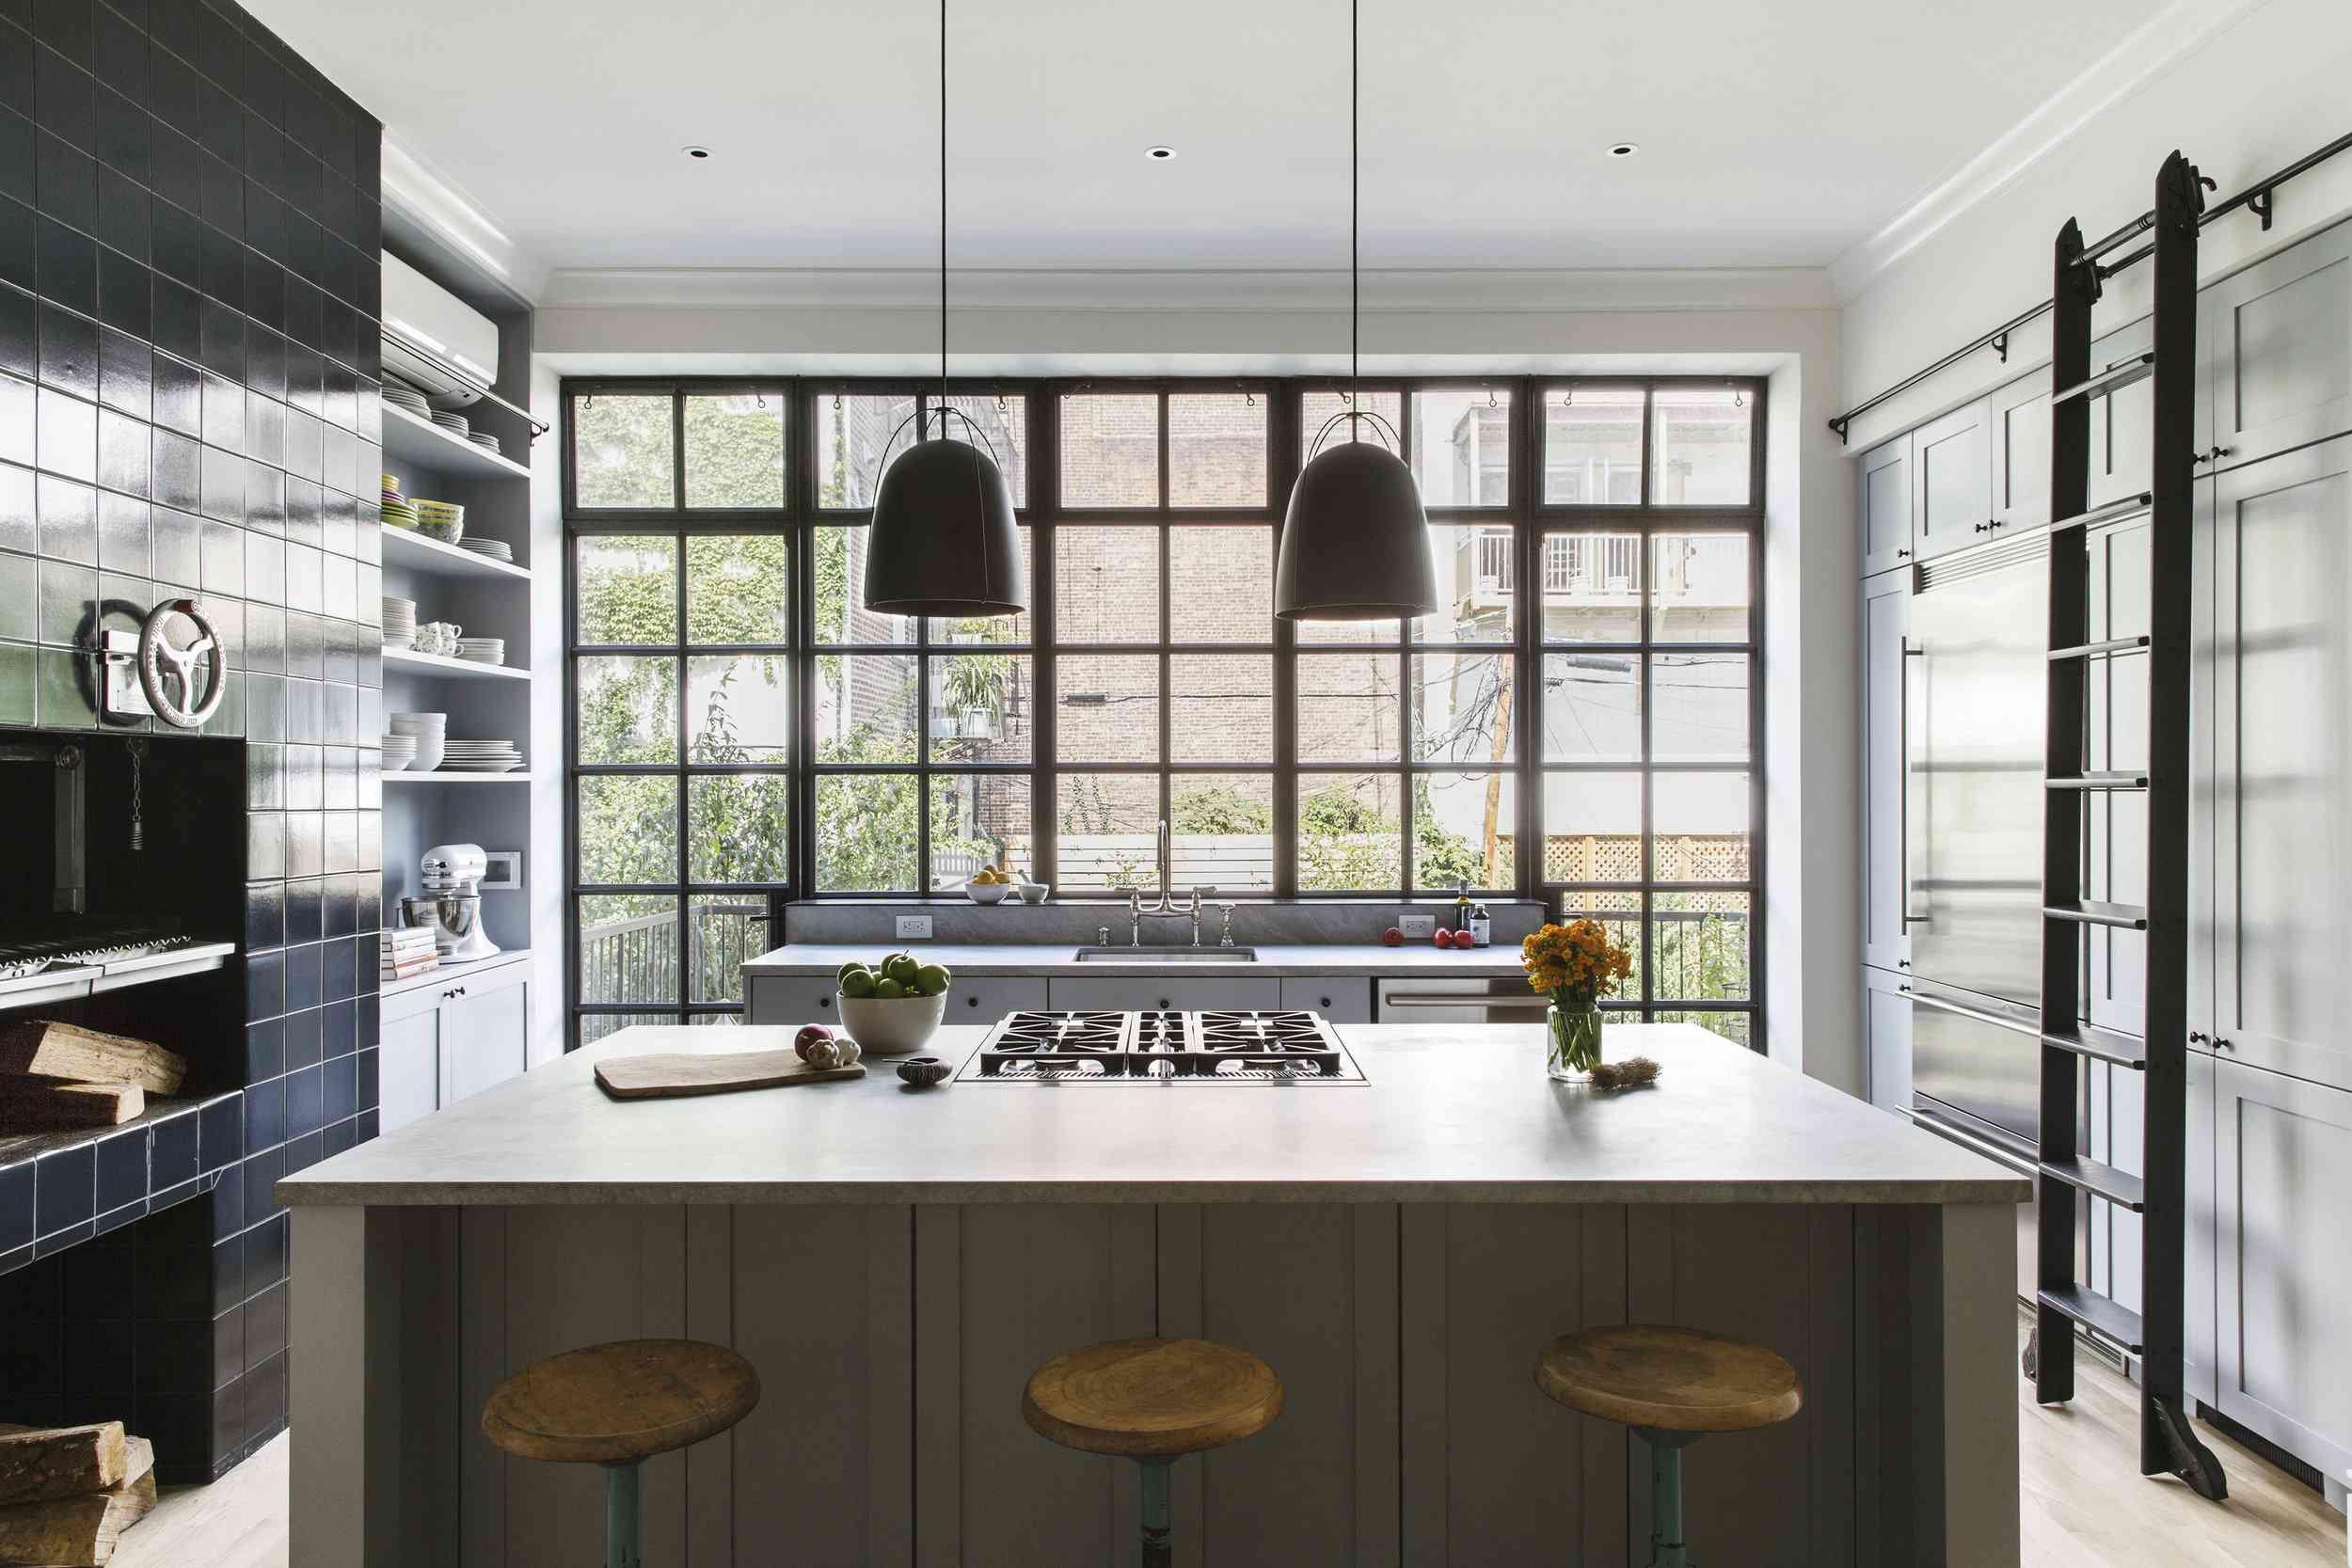 Minimalist kitchen with dark accents